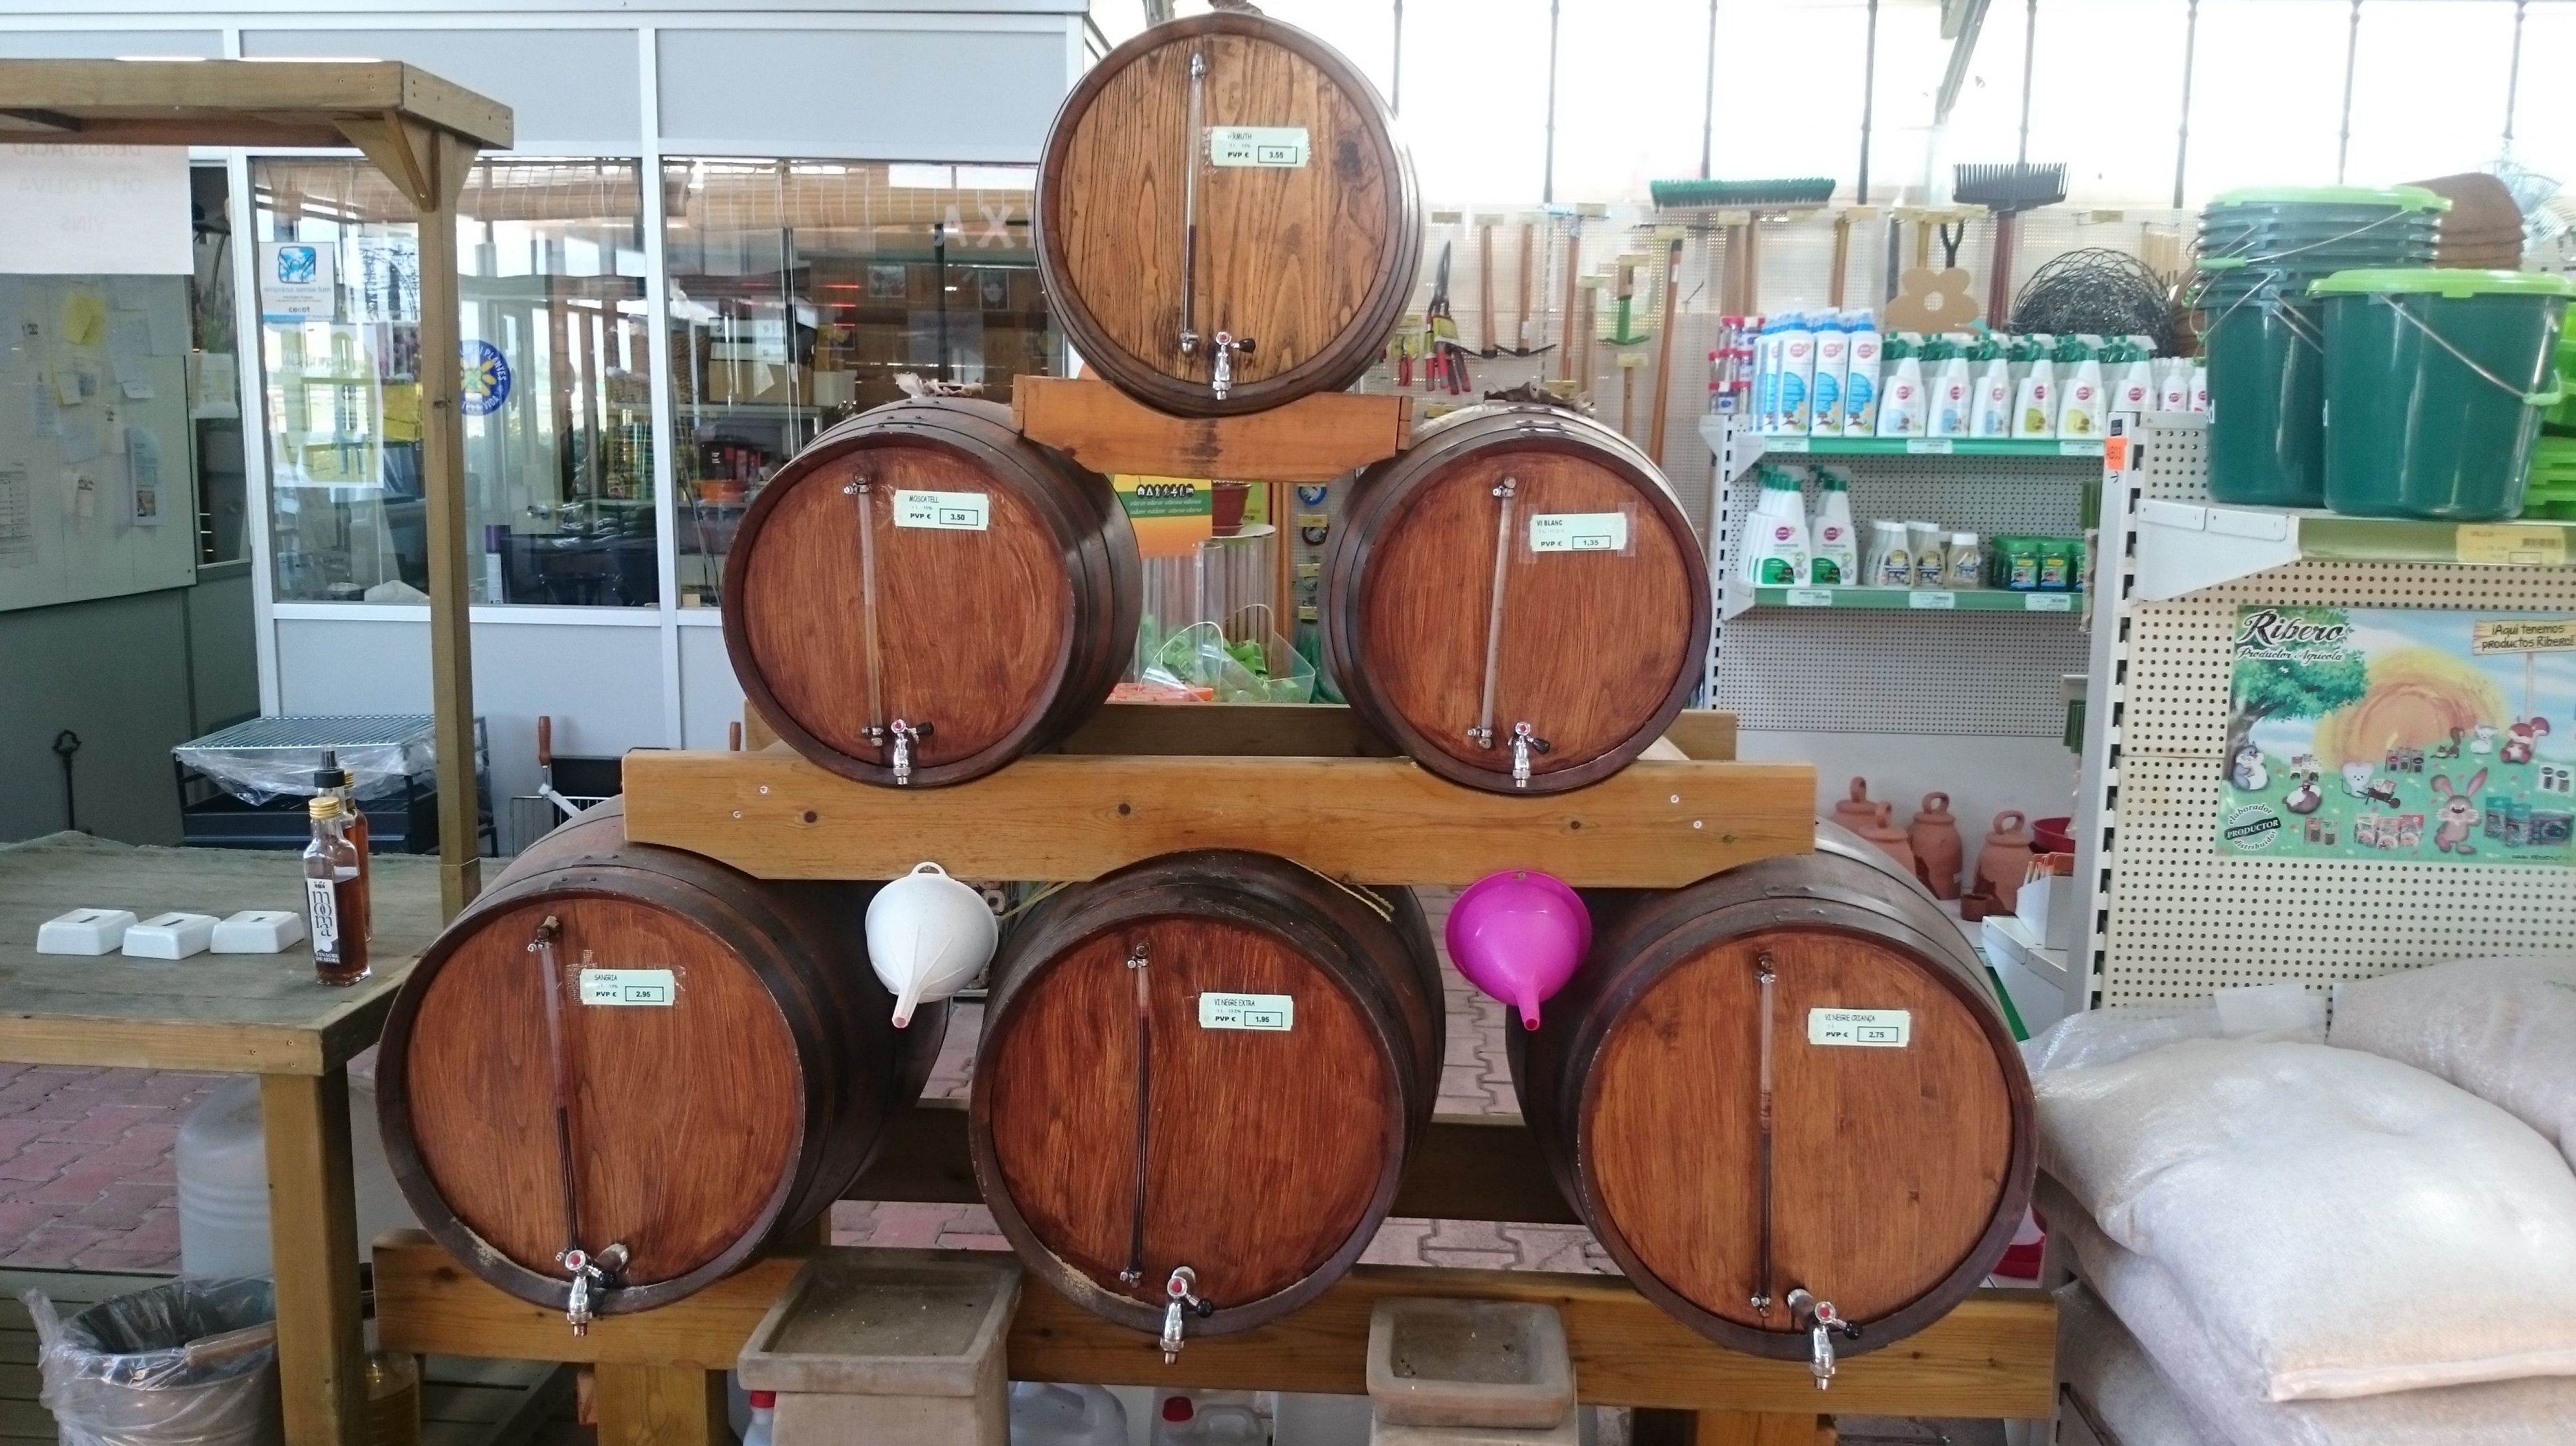 Foto 8 de Excelente surtido en productos para todo tipo de jardines en Castelló d'Empúries | Mercajardí